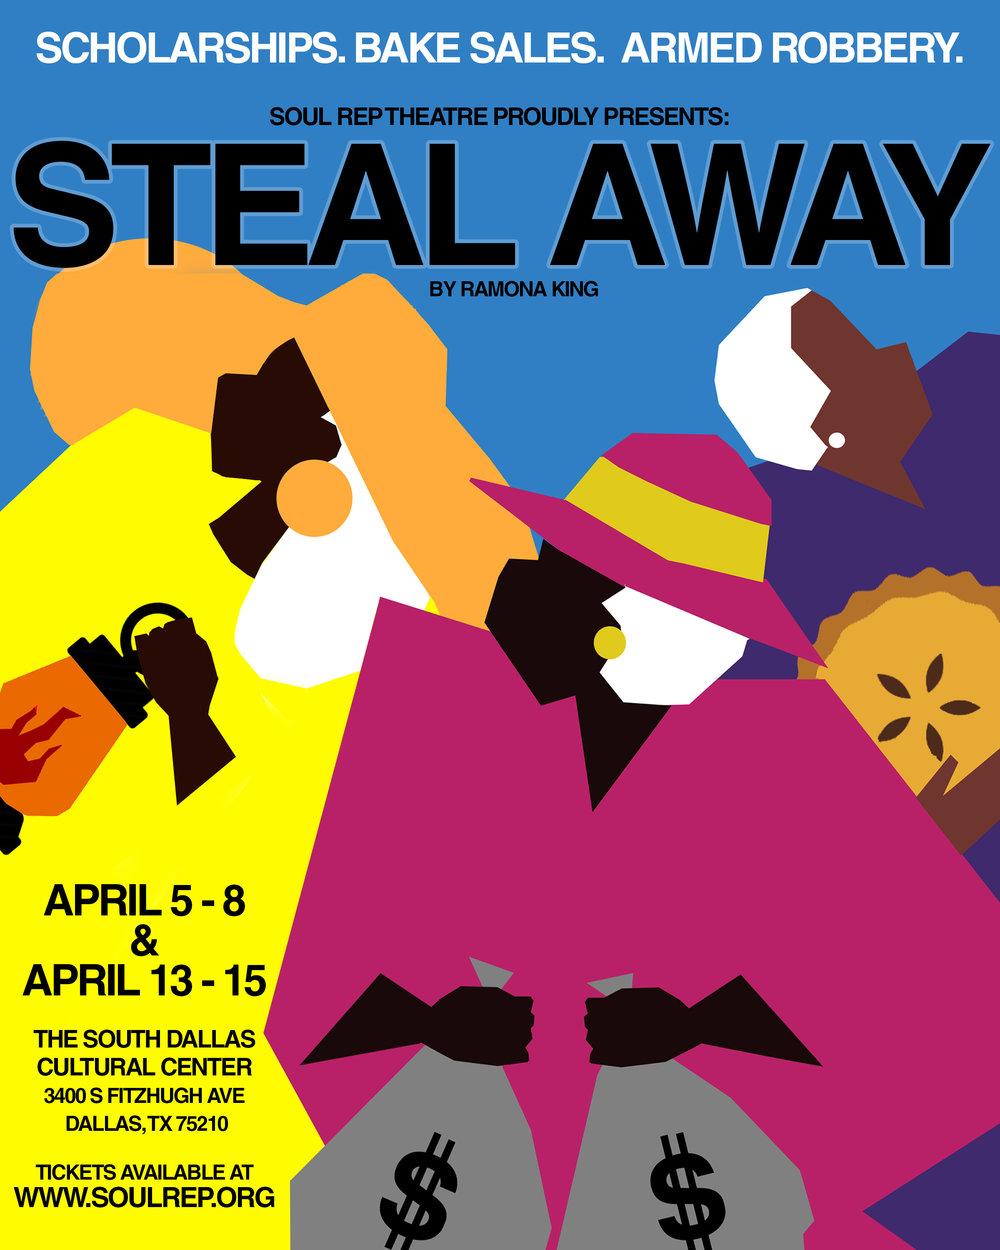 steal awayPOSTER1.jpg